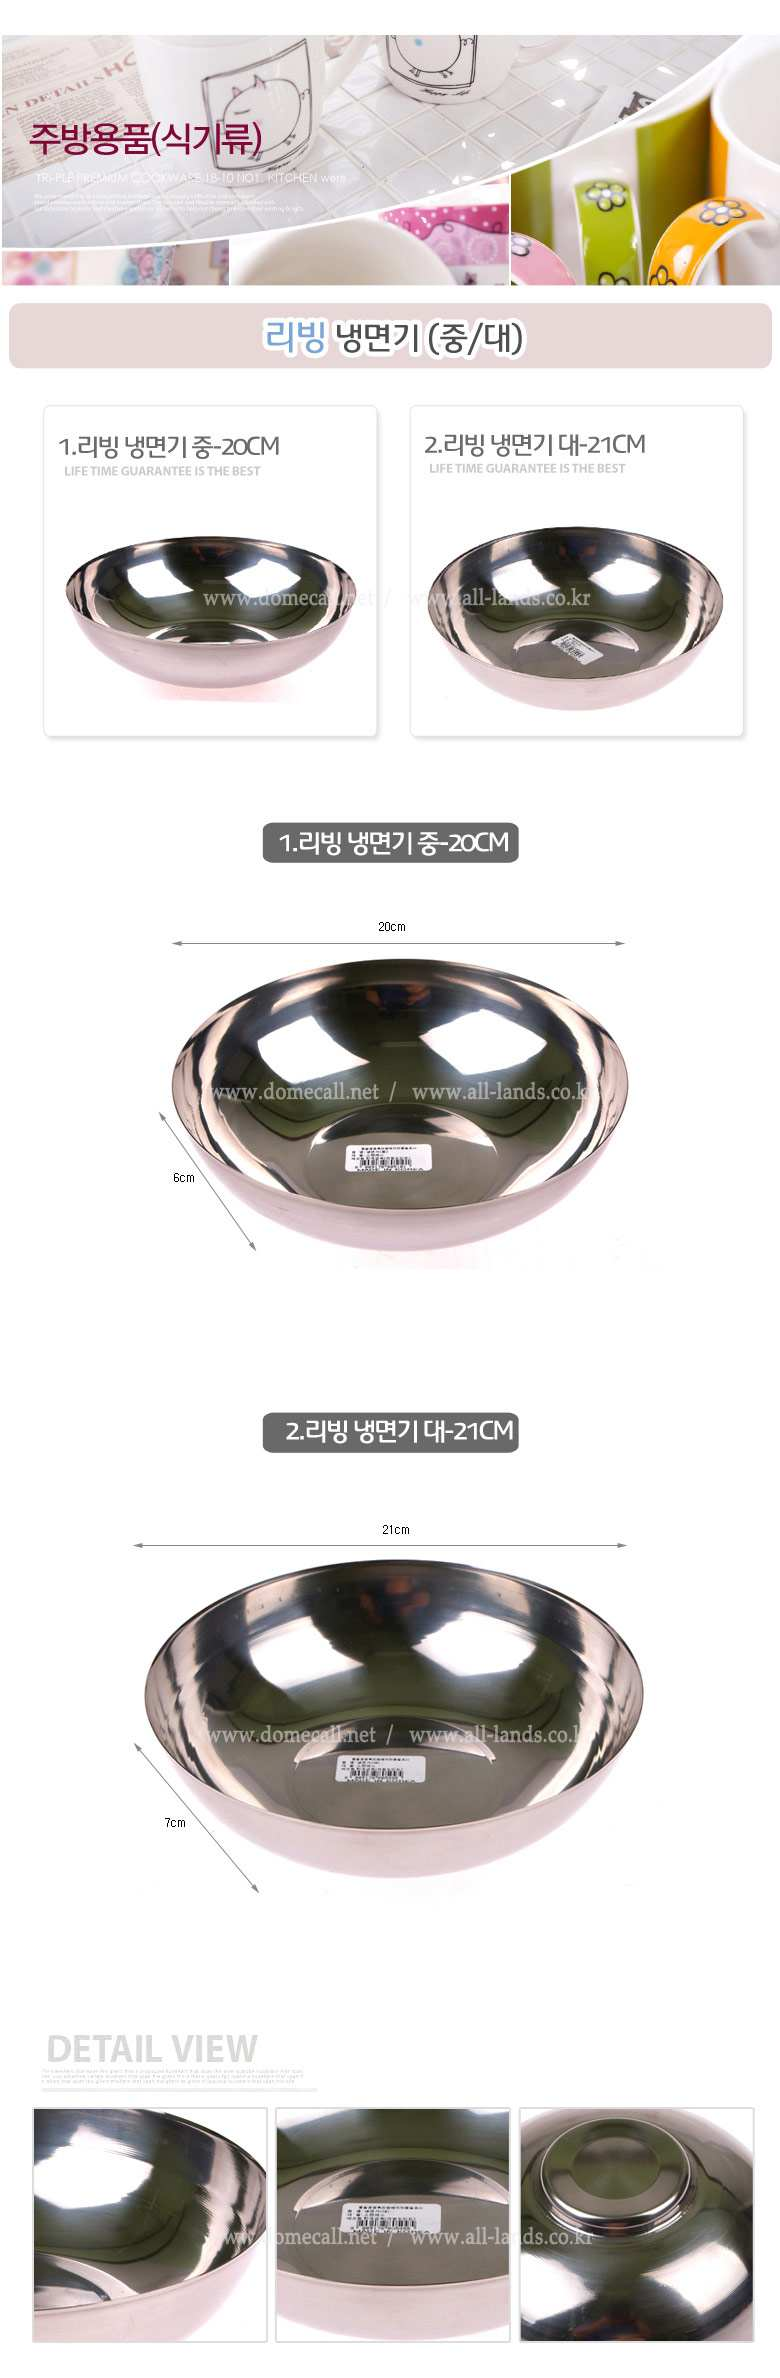 실속형 냉면기 중20cm 5p 1개 - 콕닷컴, 58,500원, 파스타/면기/스프, 면기